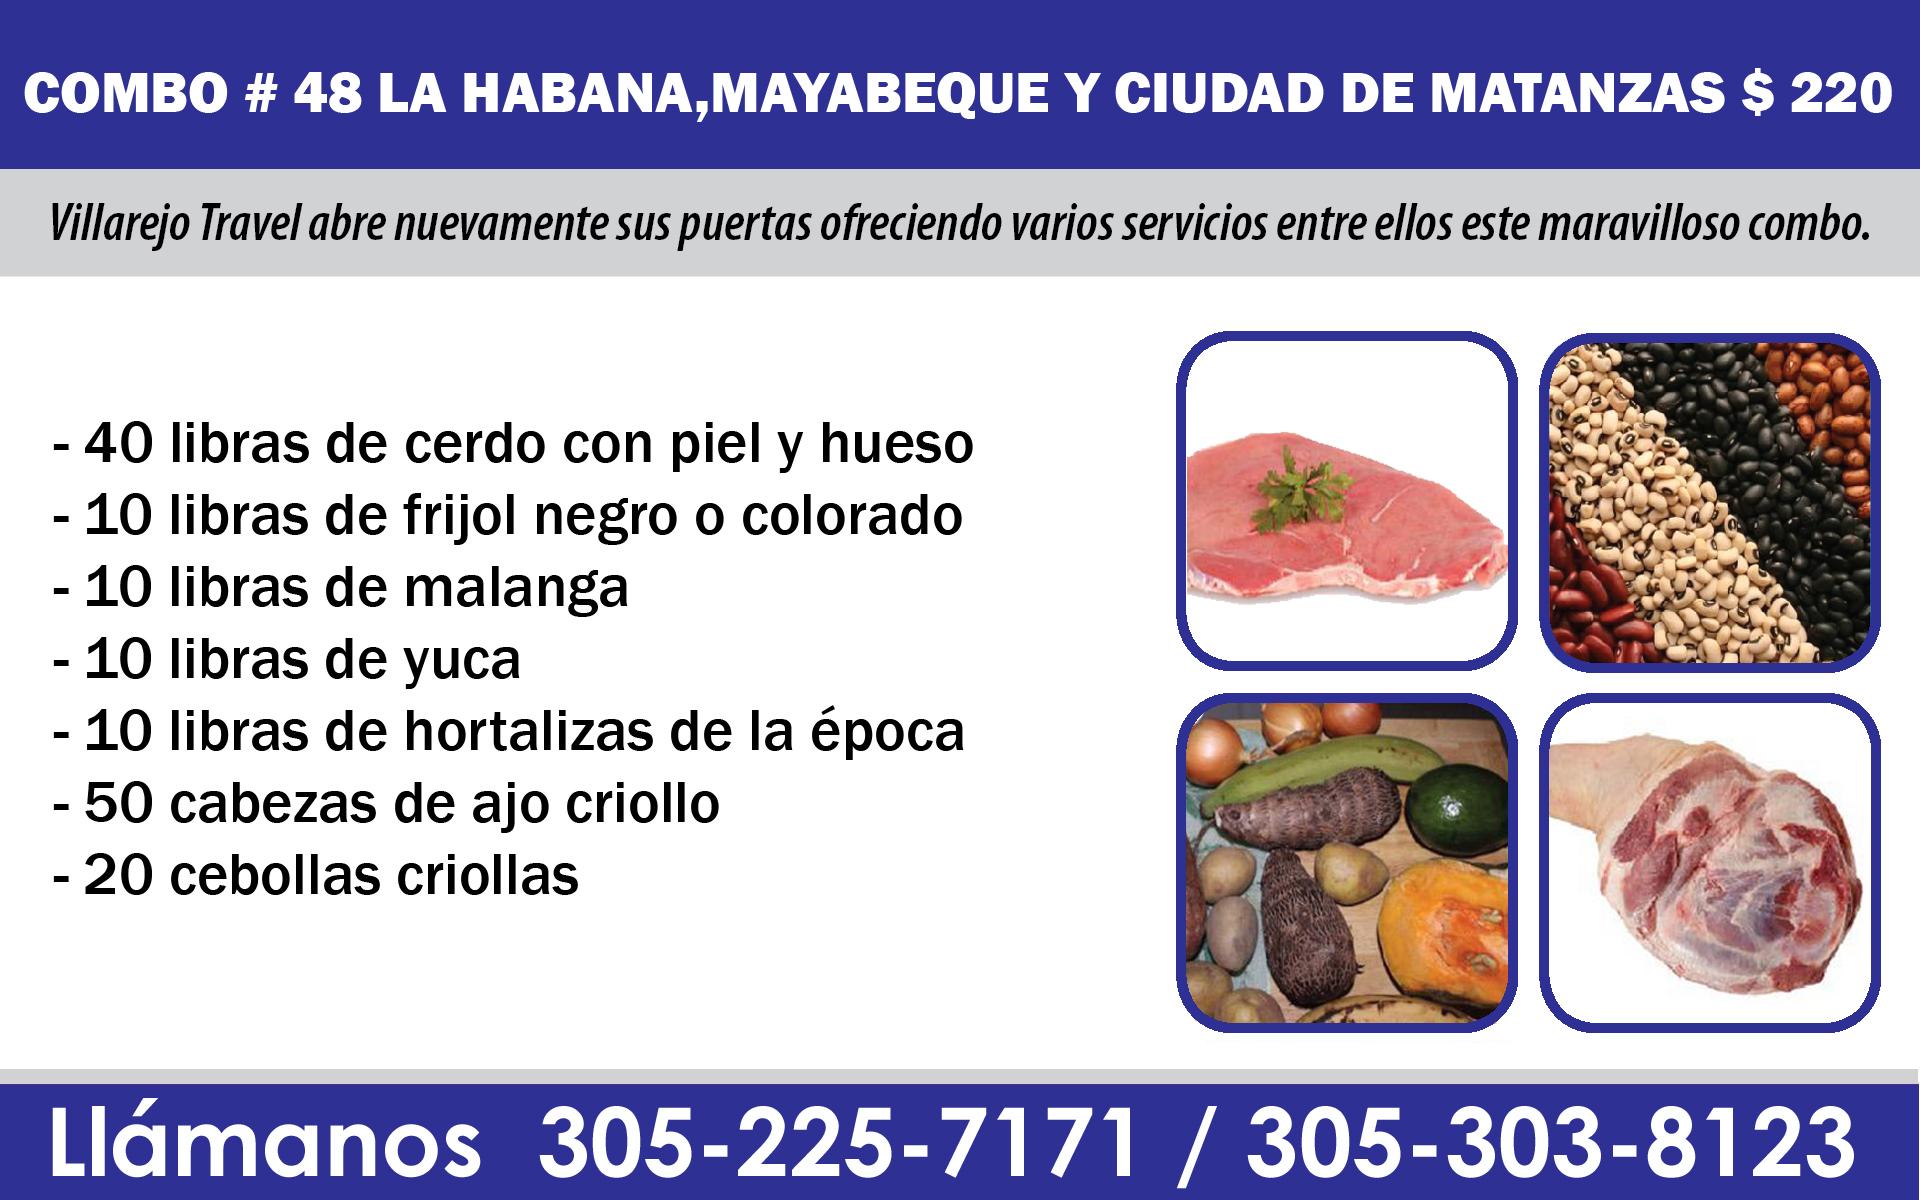 COMBO # 48 LA HABANA,MAYABEQUE Y CIUDAD DE MATANZAS $ 220